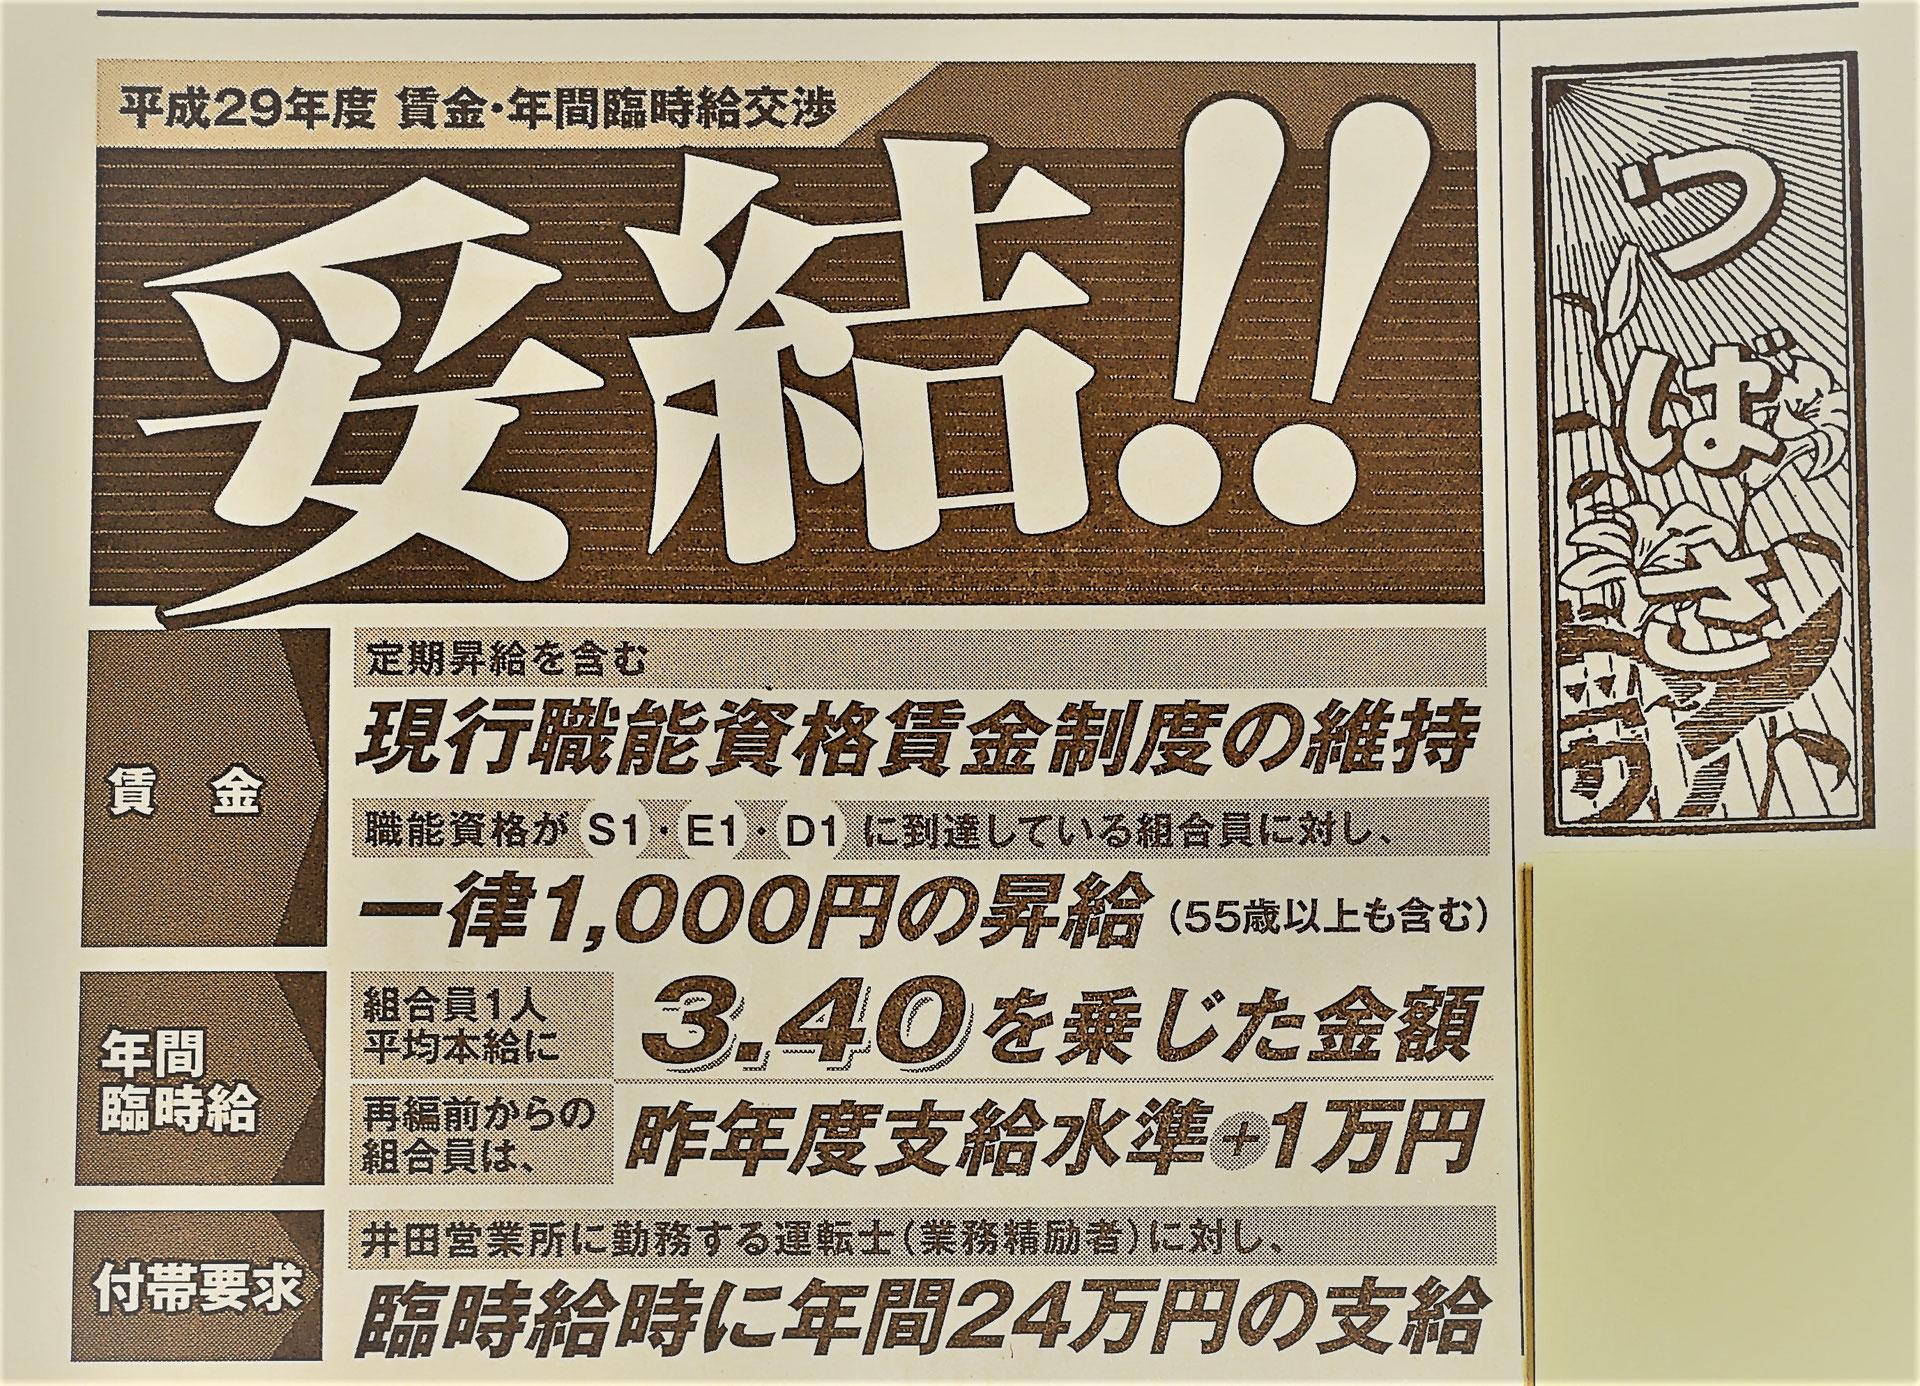 中央 定期 神奈川 交通